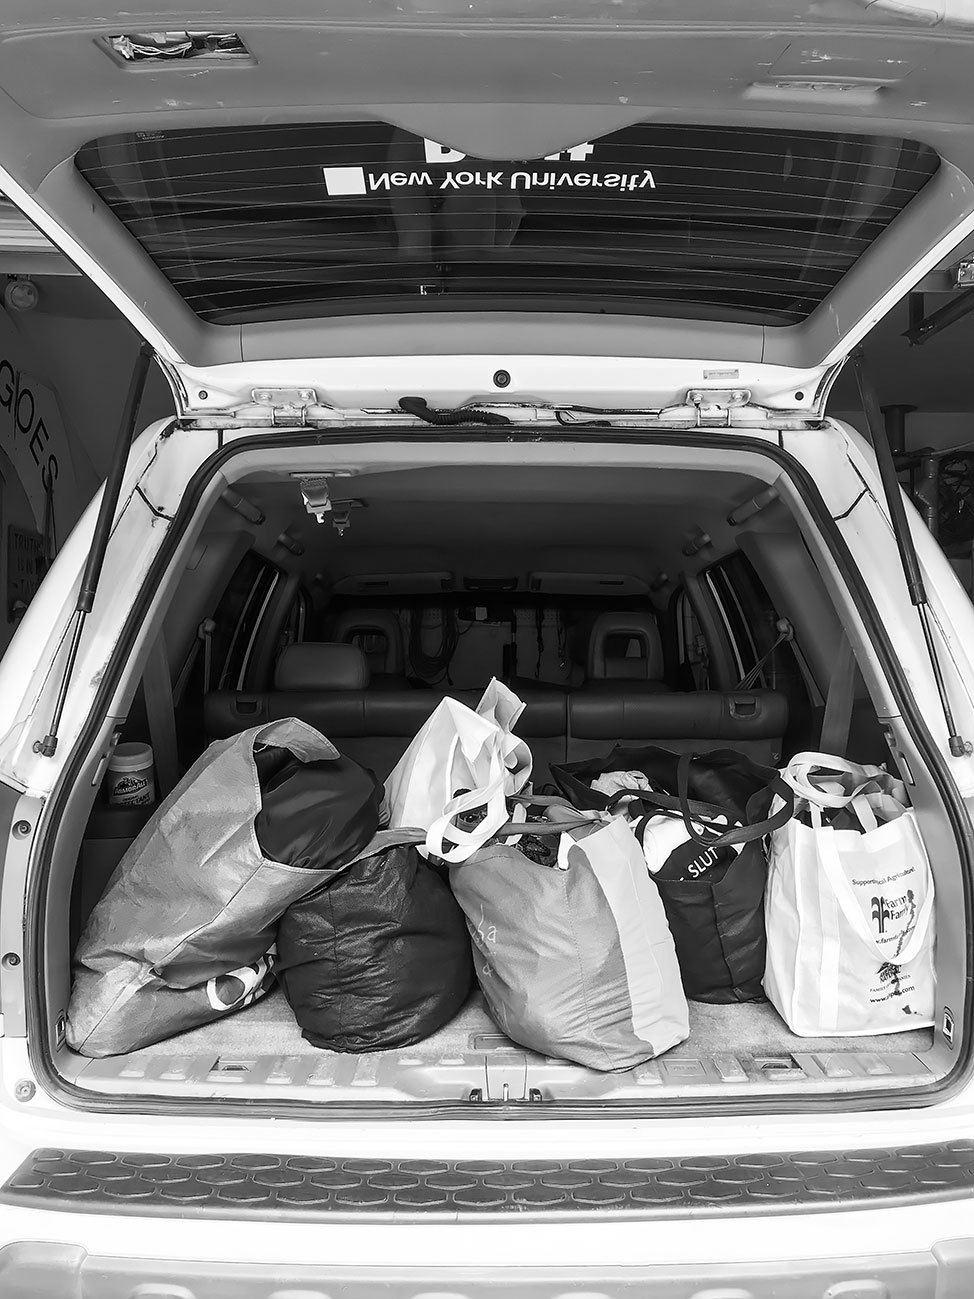 Donating clothes in Albany, NY